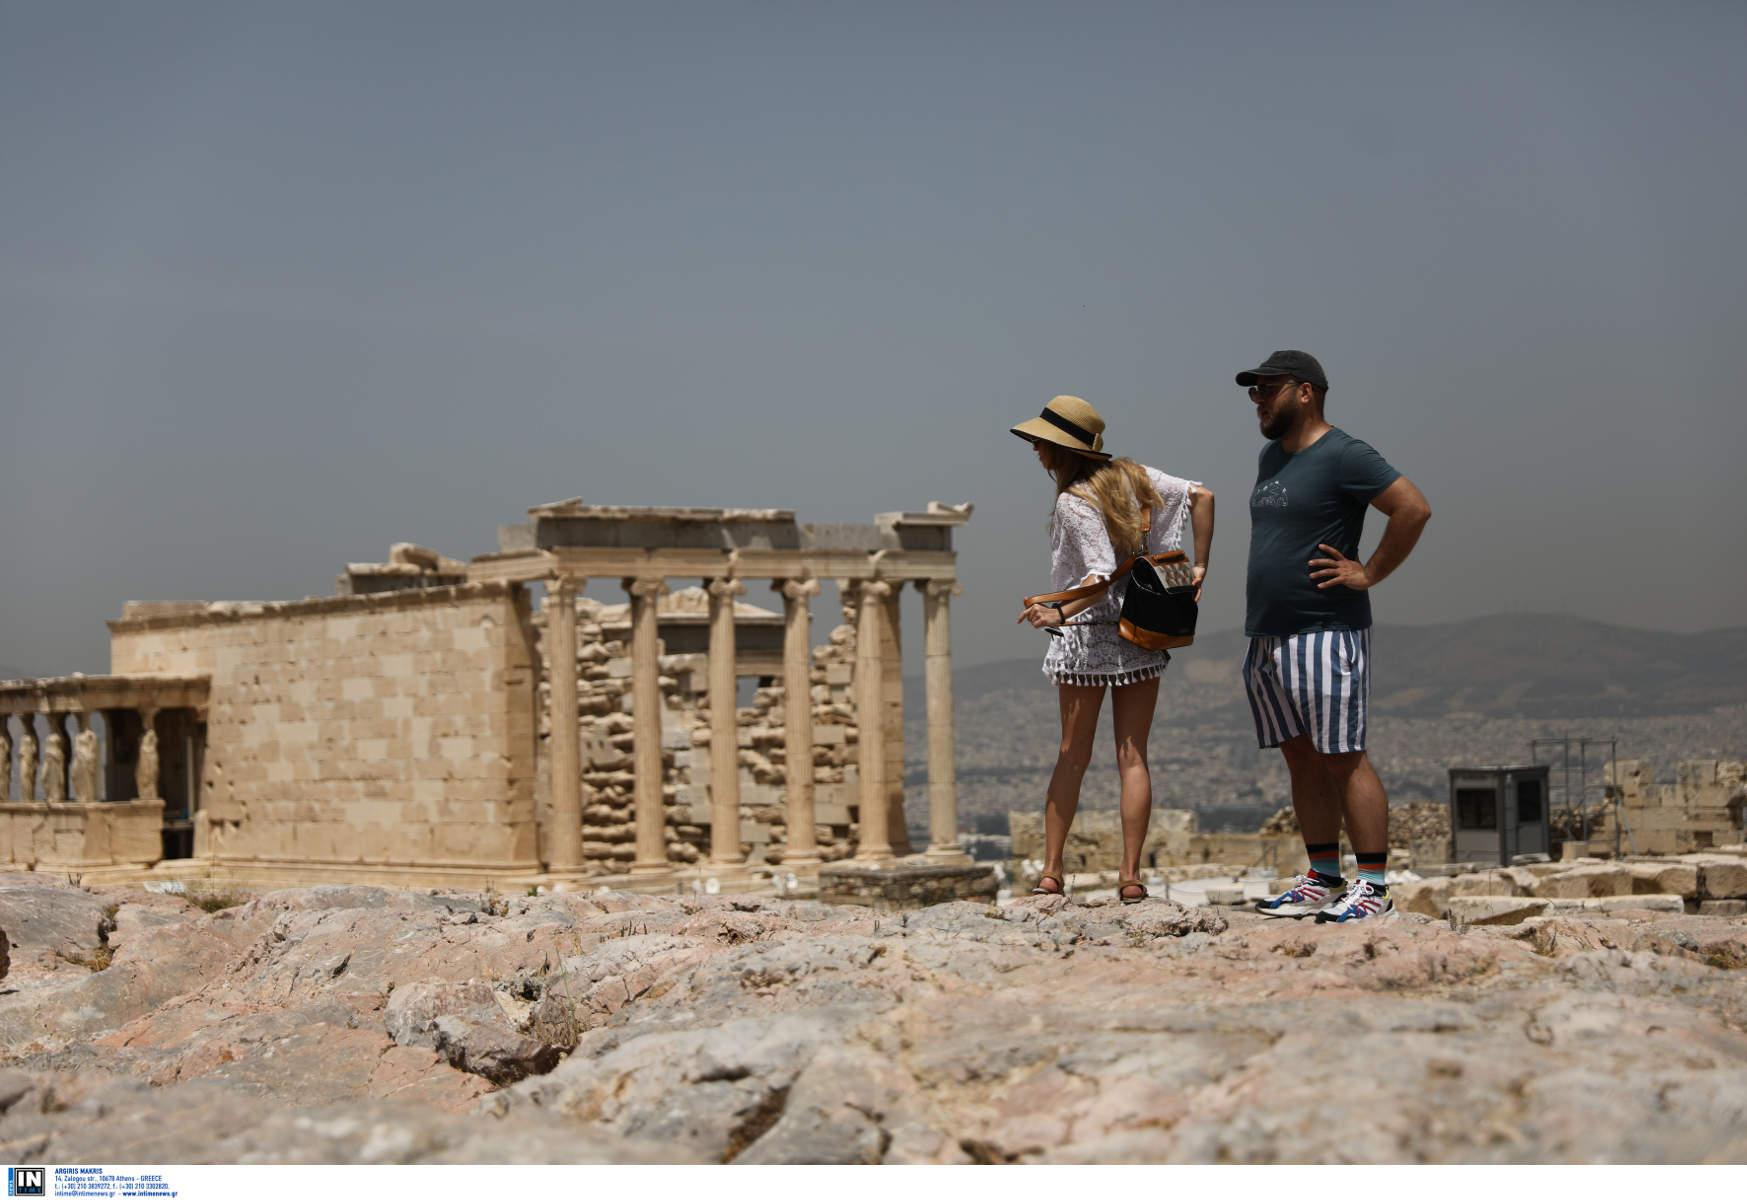 Άνοιξαν οι αρχαιολογικοί χώροι σε όλη την Ελλάδα – Αυστηρά μέτρα για τους επισκέπτες